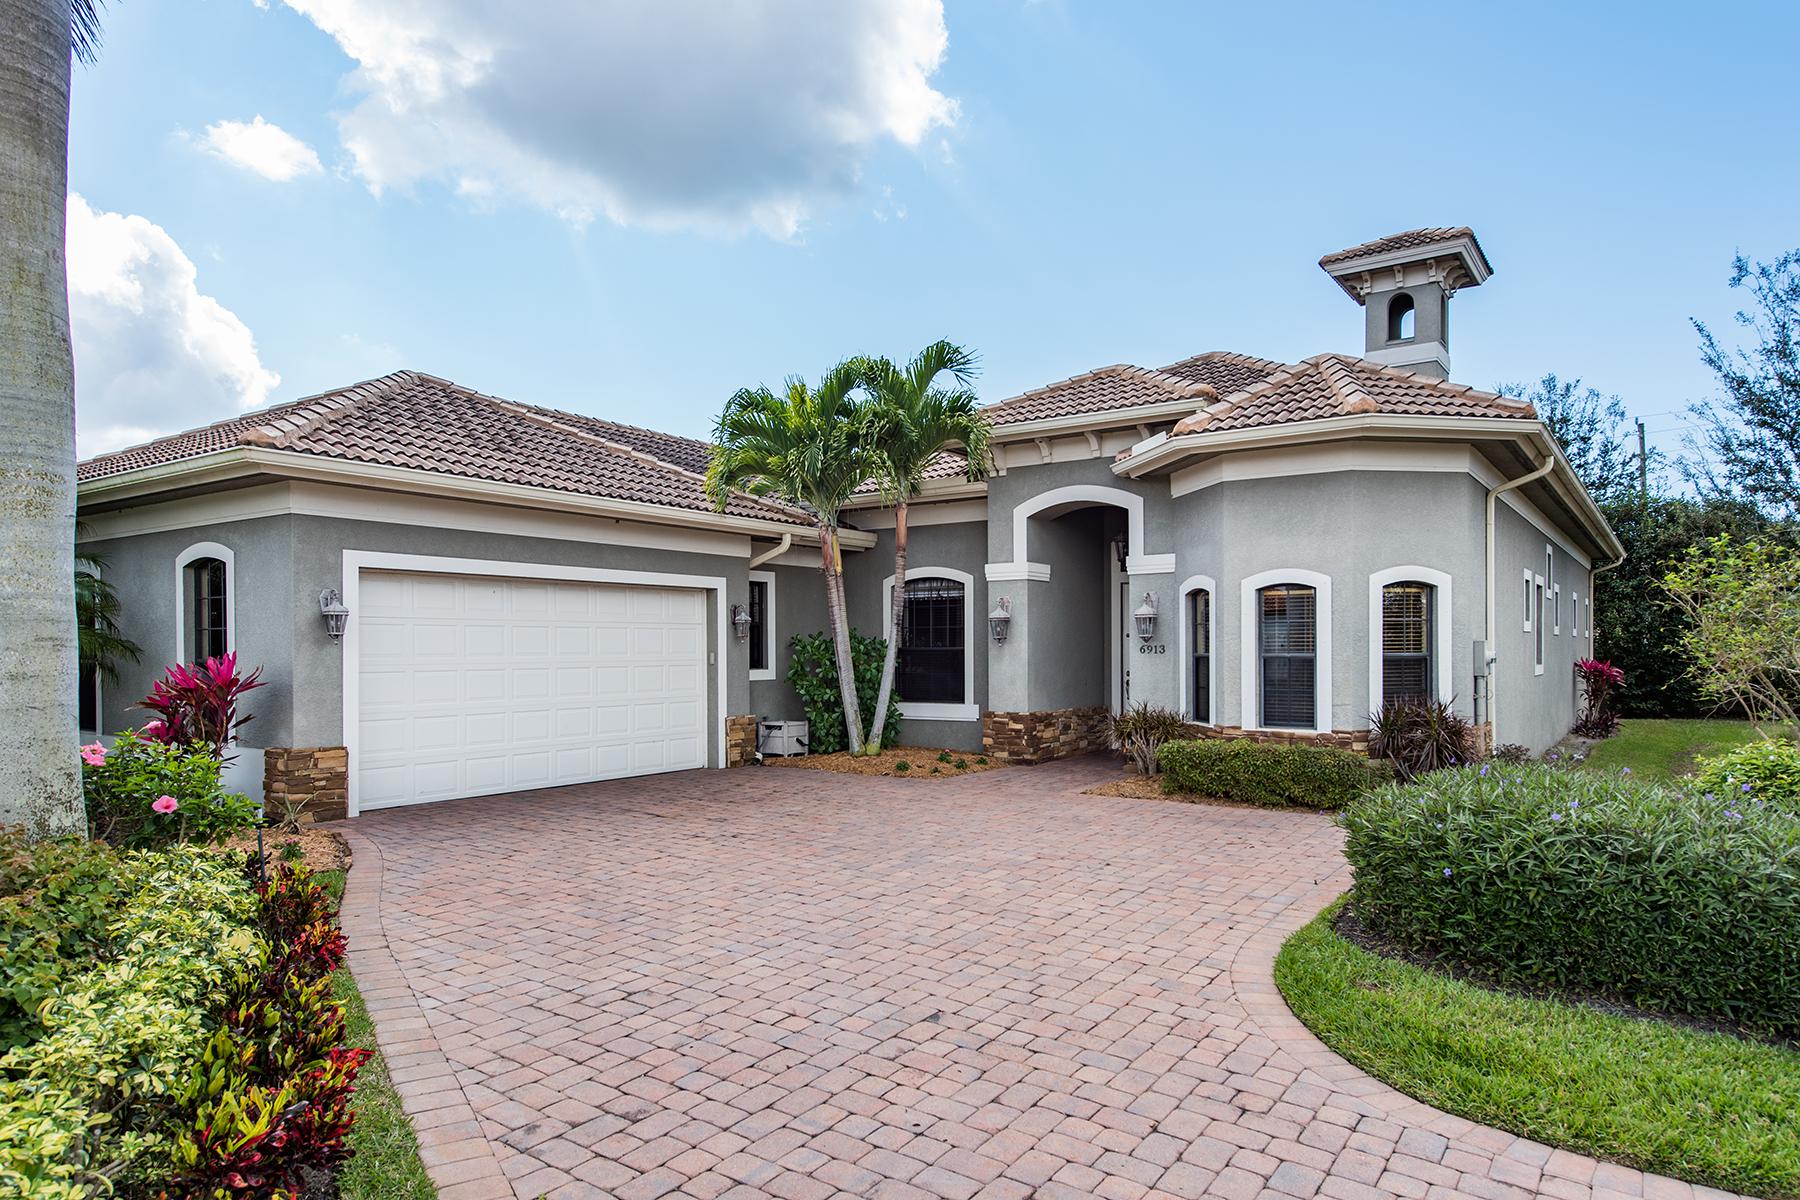 独户住宅 为 销售 在 IL REGALO CIRCLE 6913 Il Regalo Cir 那不勒斯, 佛罗里达州, 34109 美国